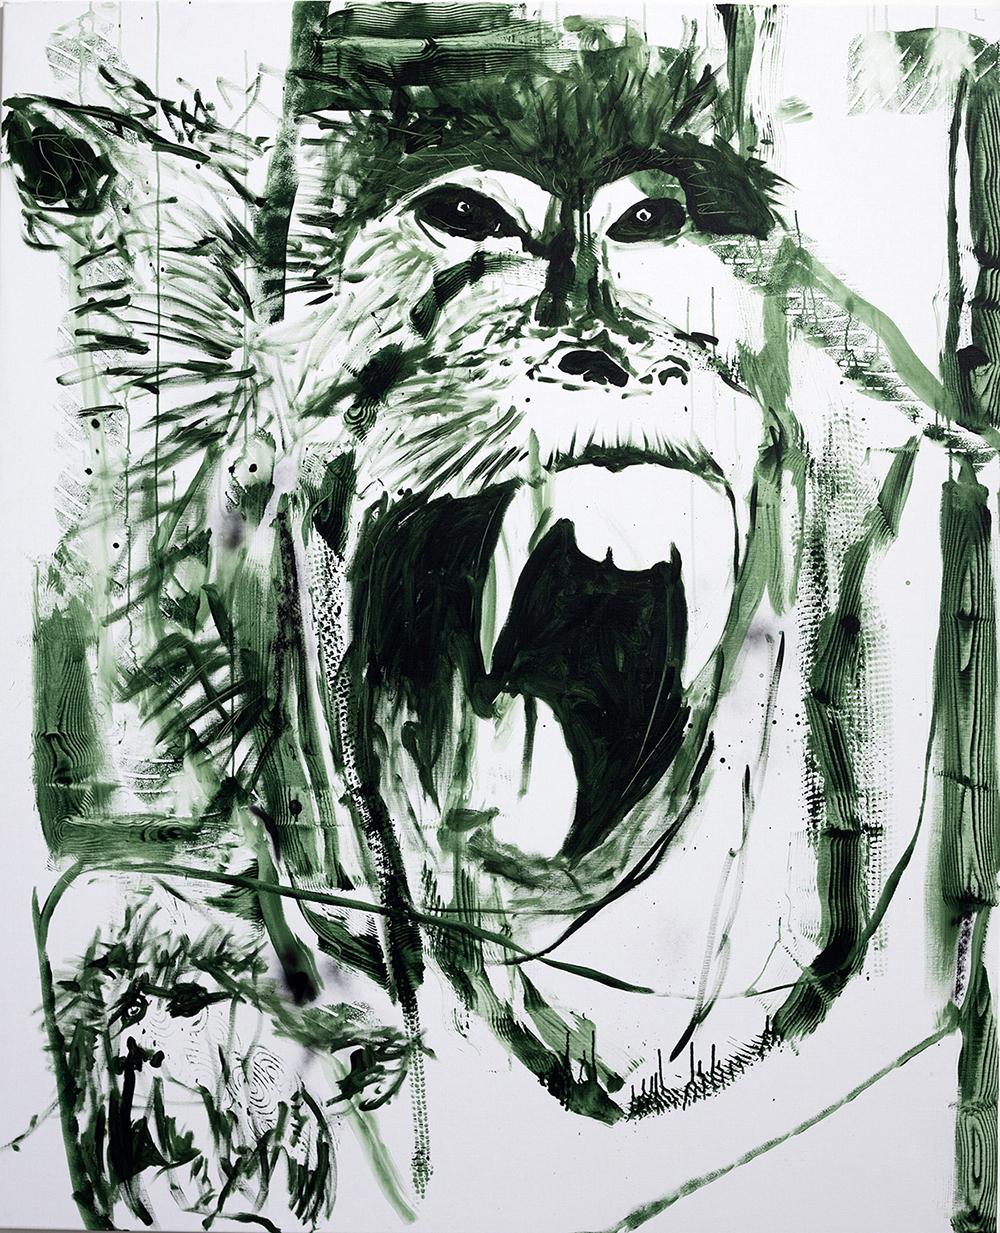 Claus Carstensen, Hvad ser den i det andet ansigt?, 2017. (Akryl og spray på lærred, 220 x 180 cm).